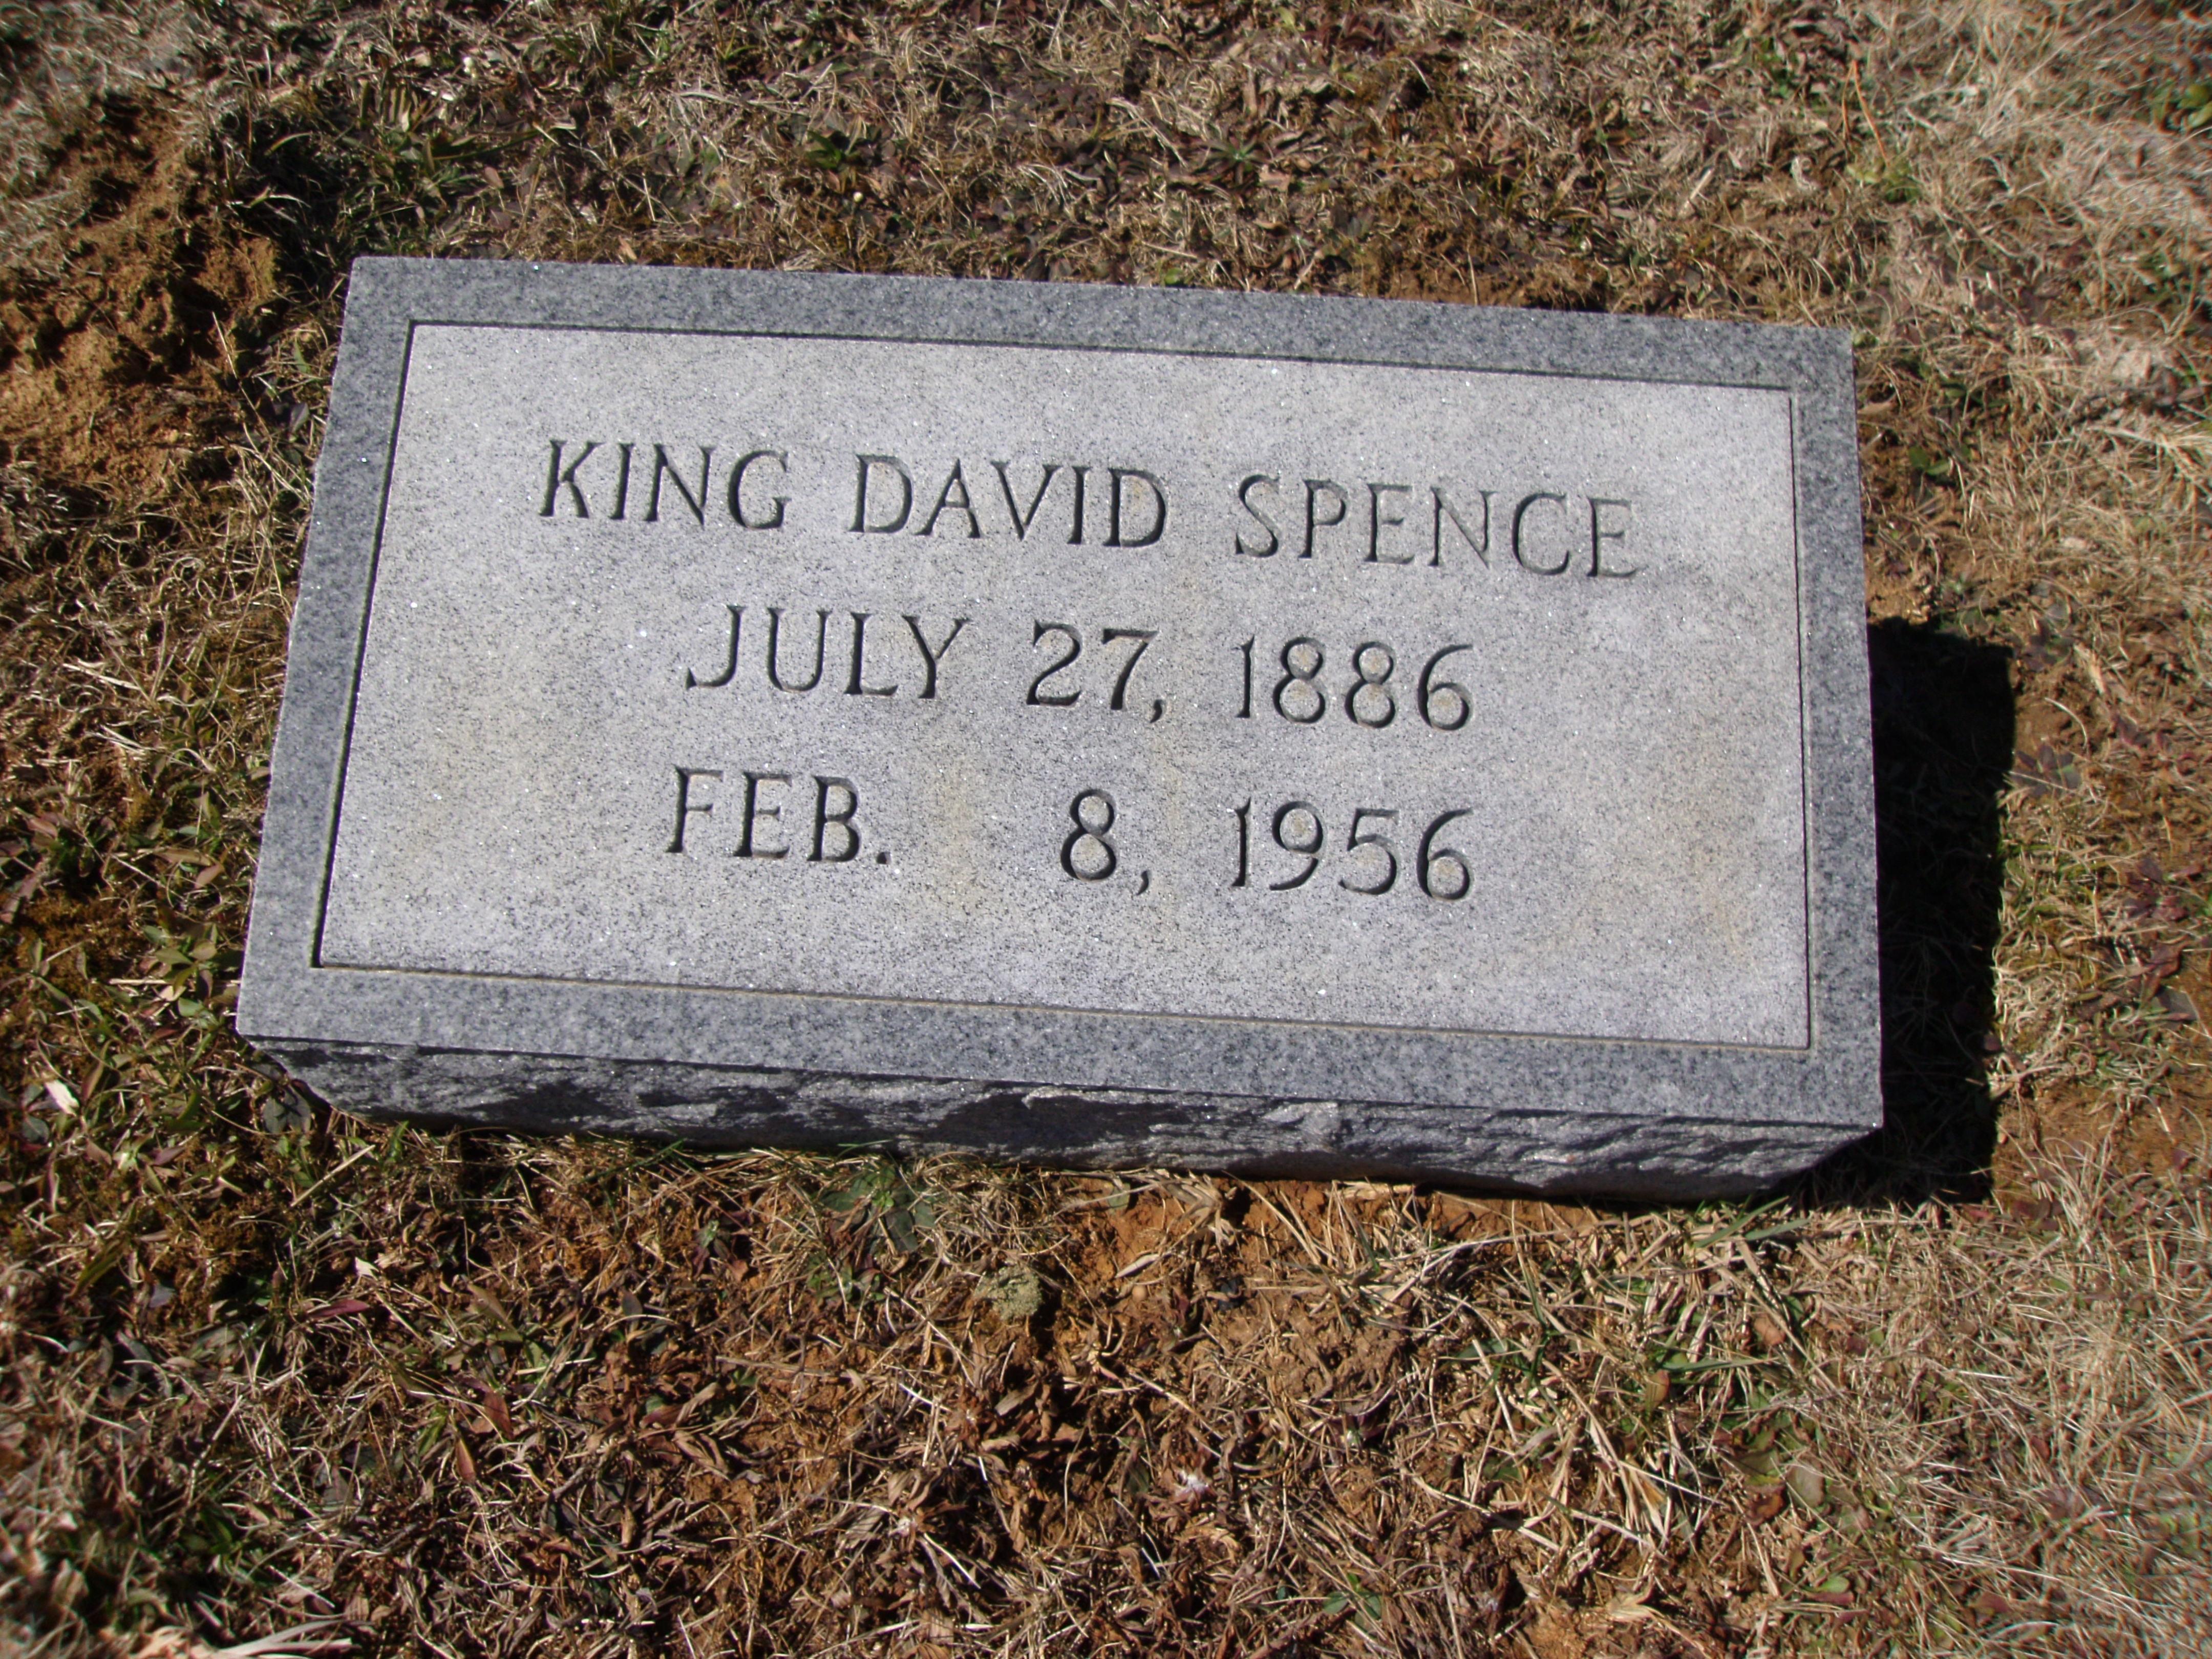 King David Spence